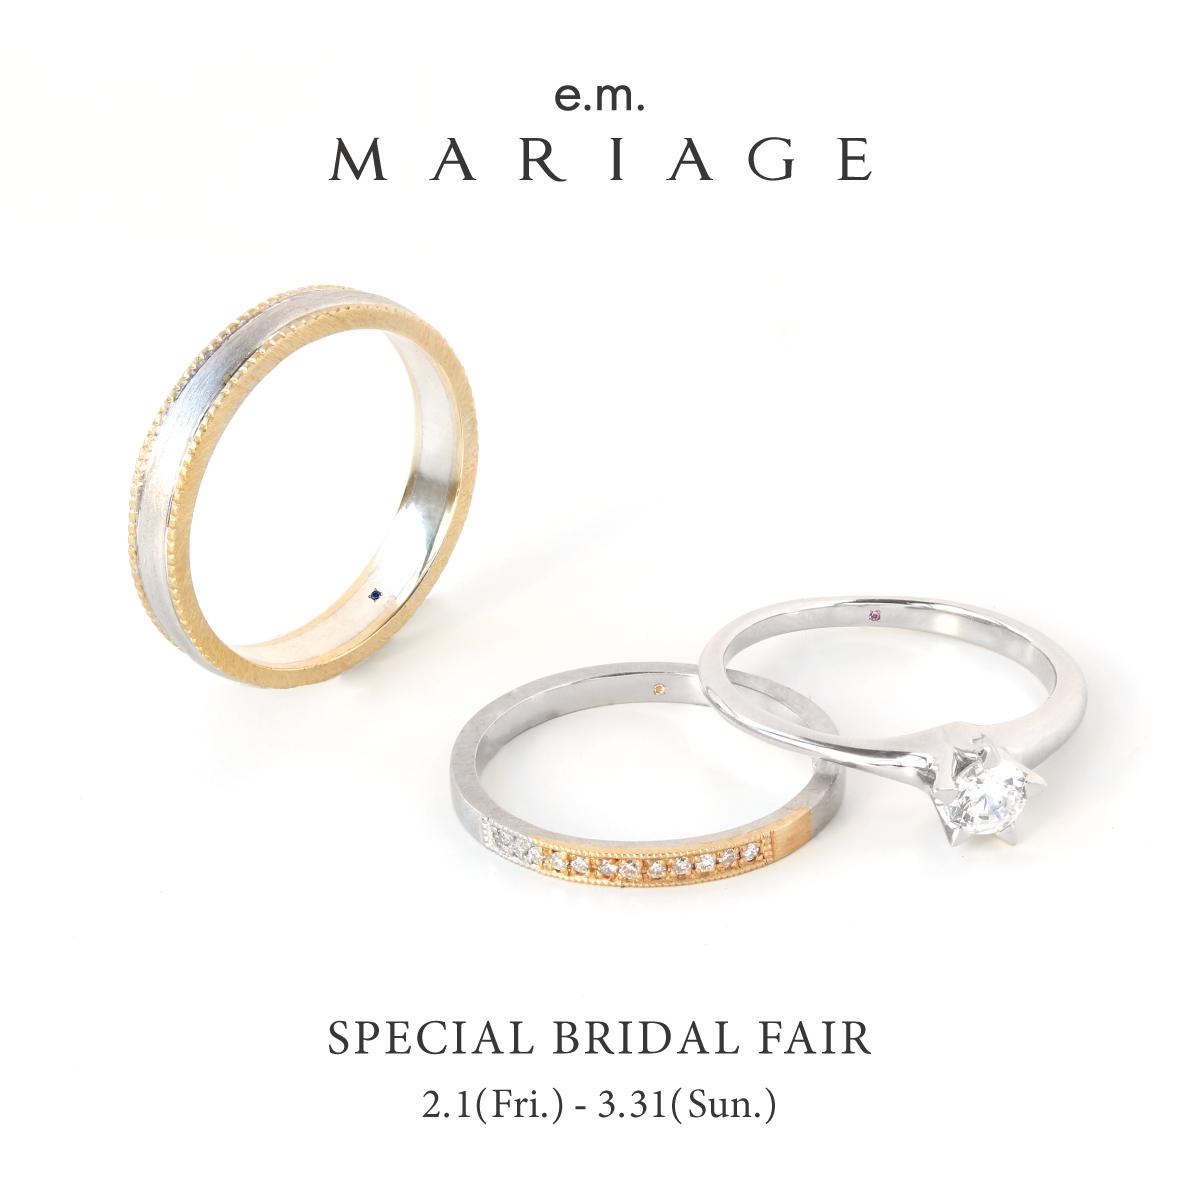 e.m.MARIAGE_bridaifair